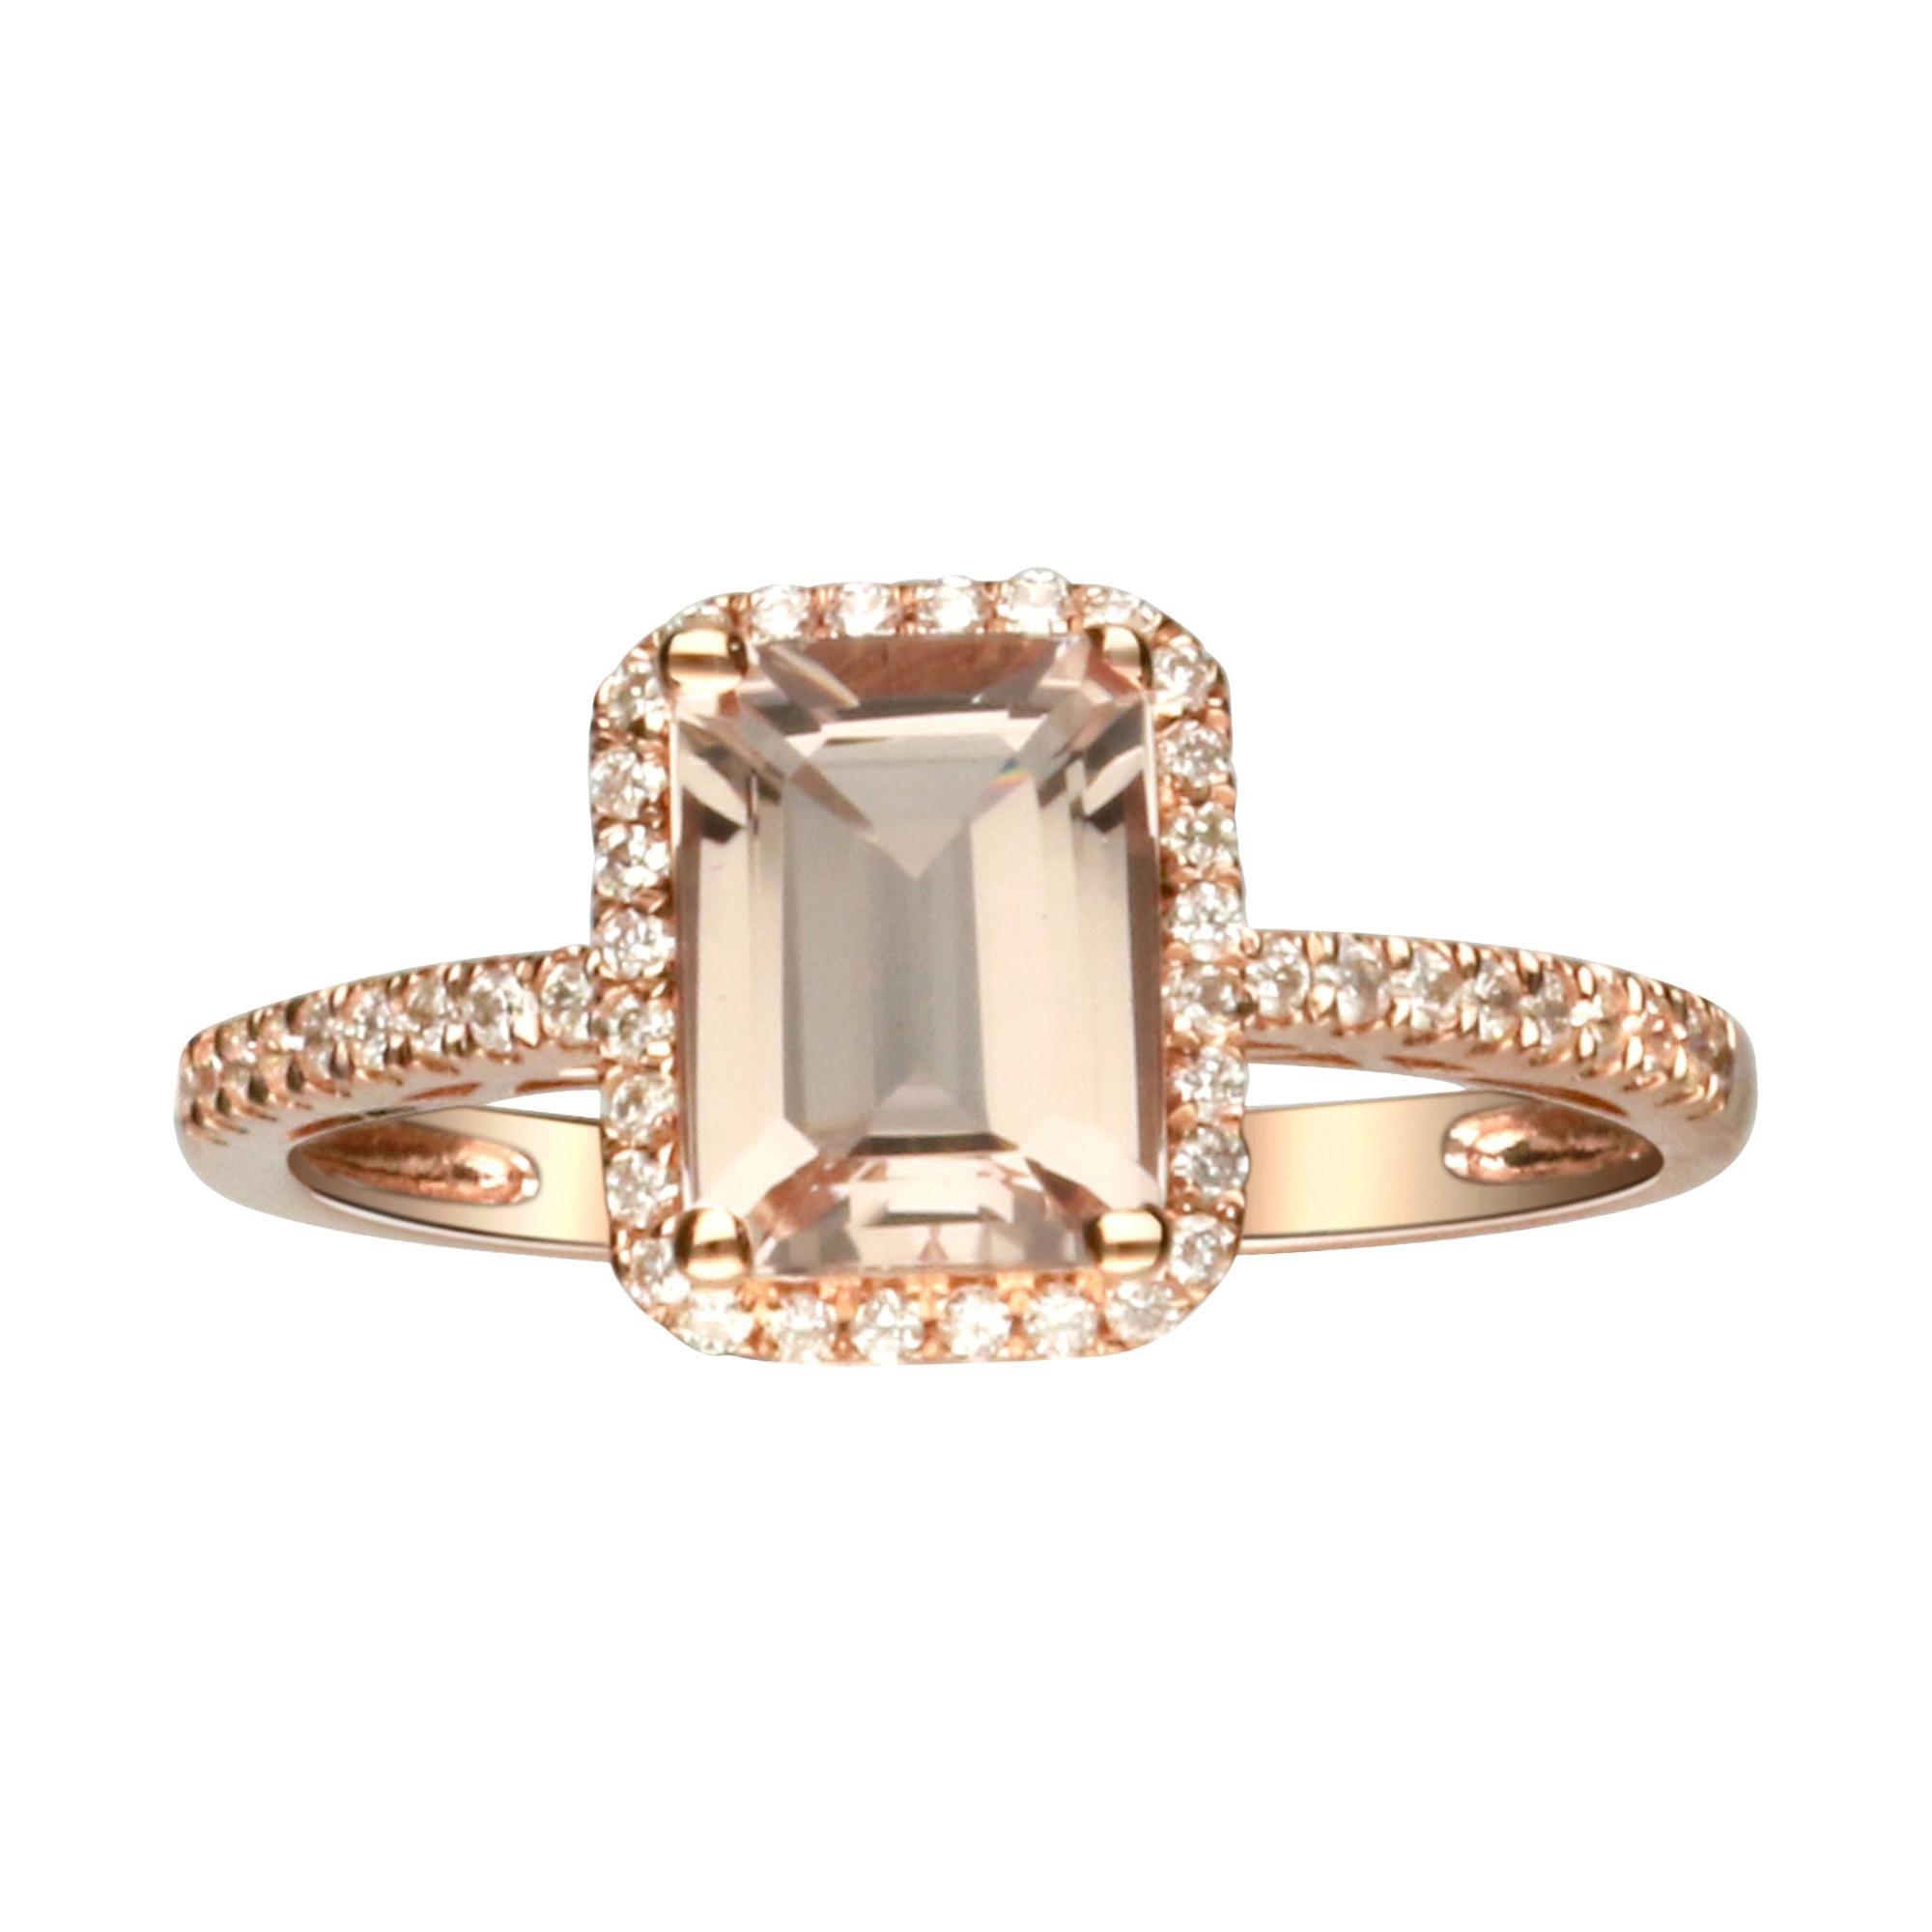 1.38 Carat Morganite and Diamond 14 Karat Rose Gold Ring